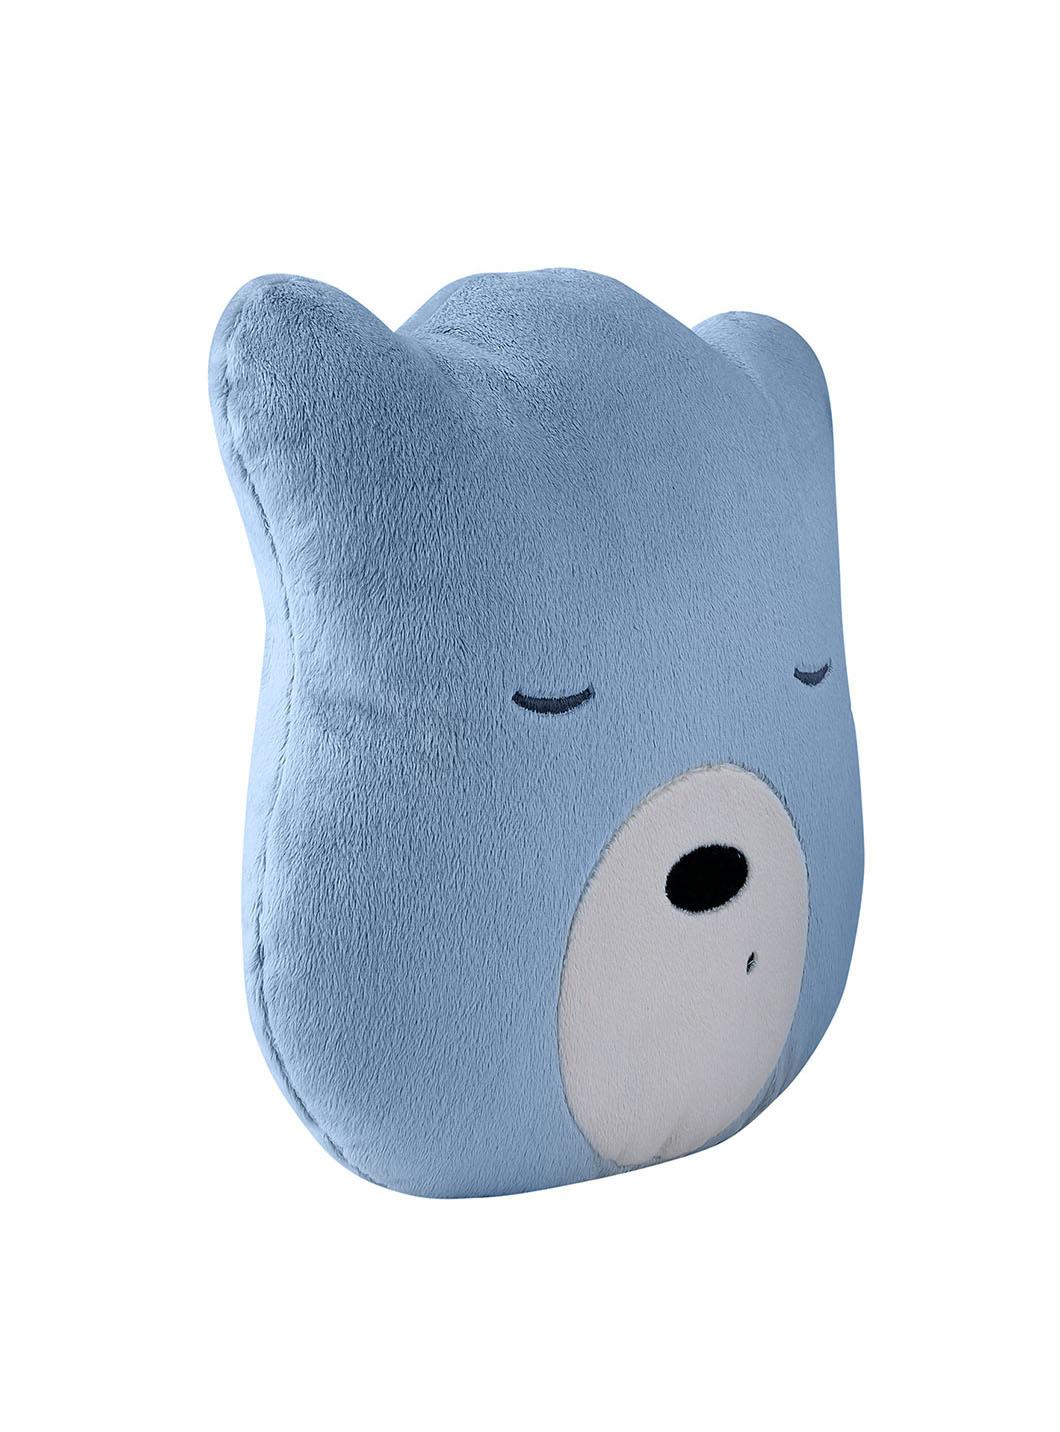 myHummy Kussen - blauw